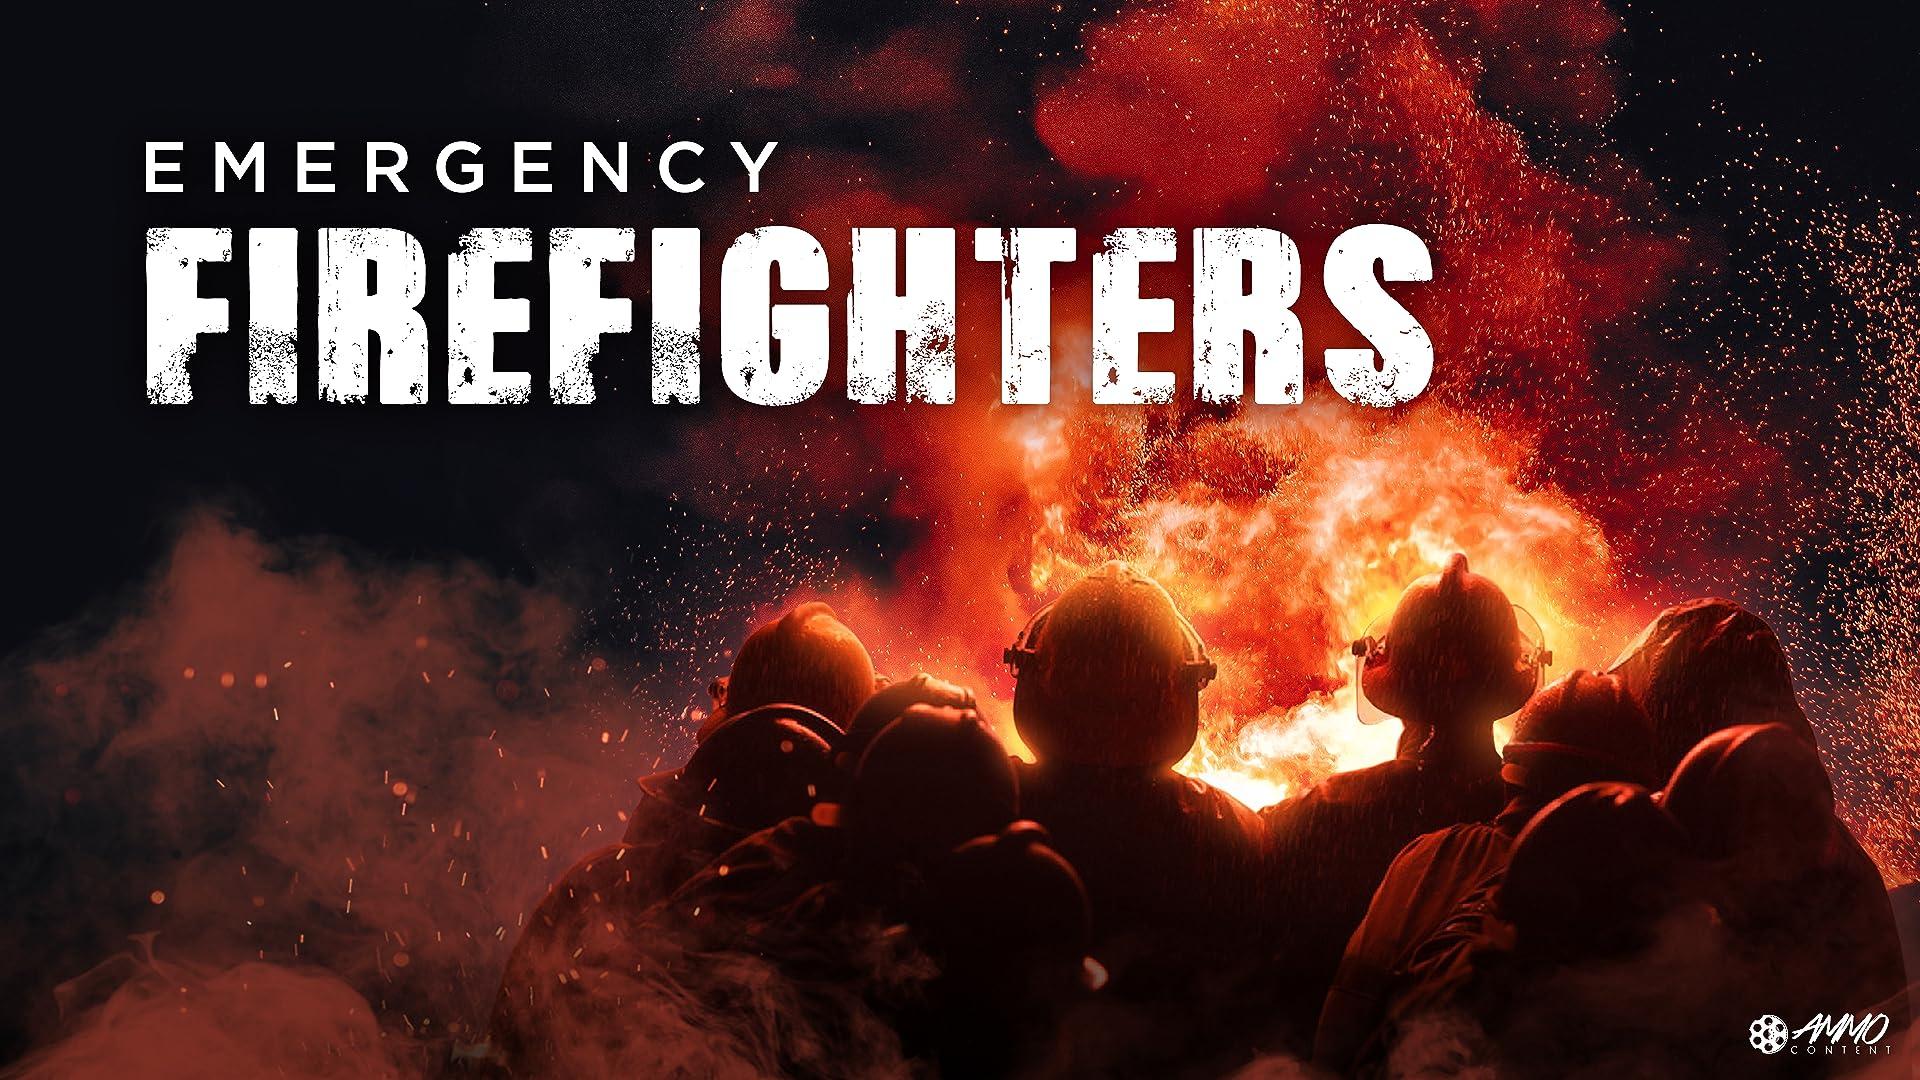 Emergency Firefighters